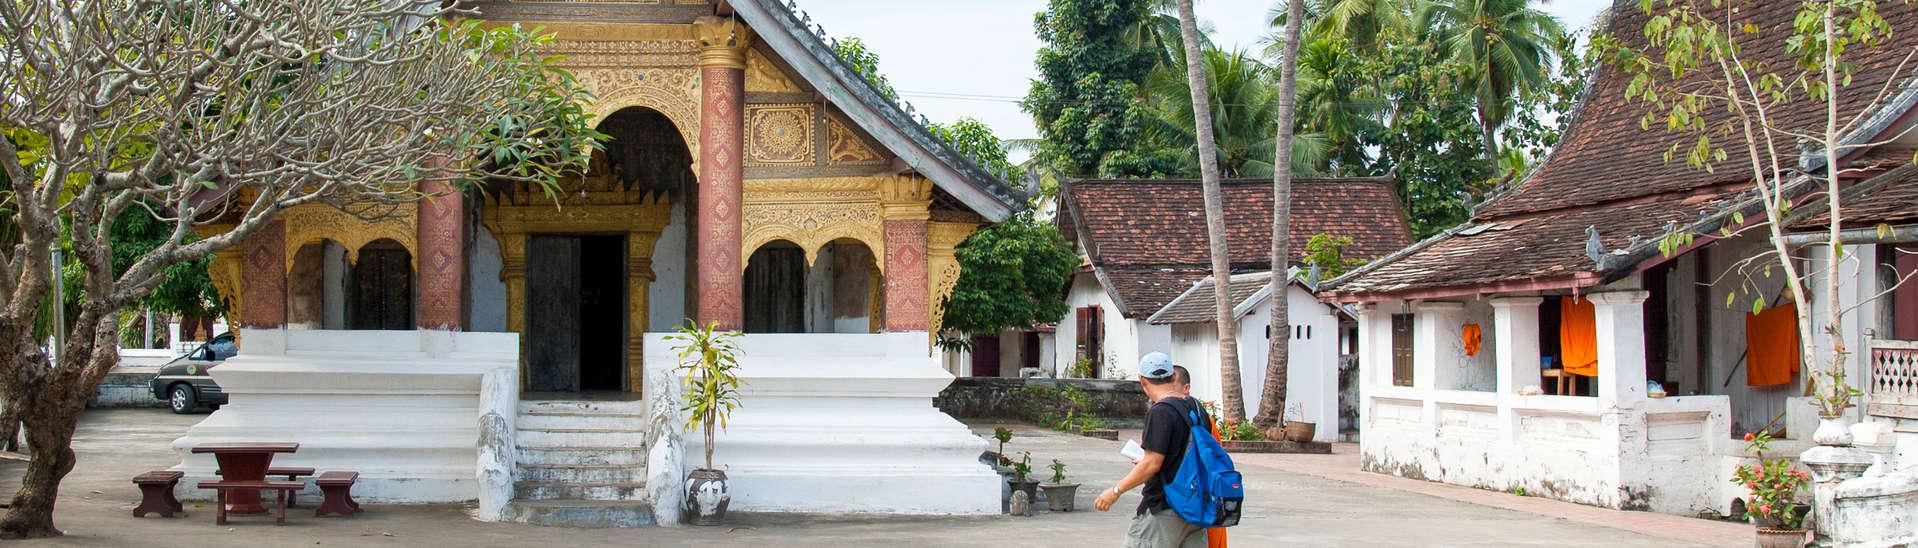 Laos.2009-69.jpg